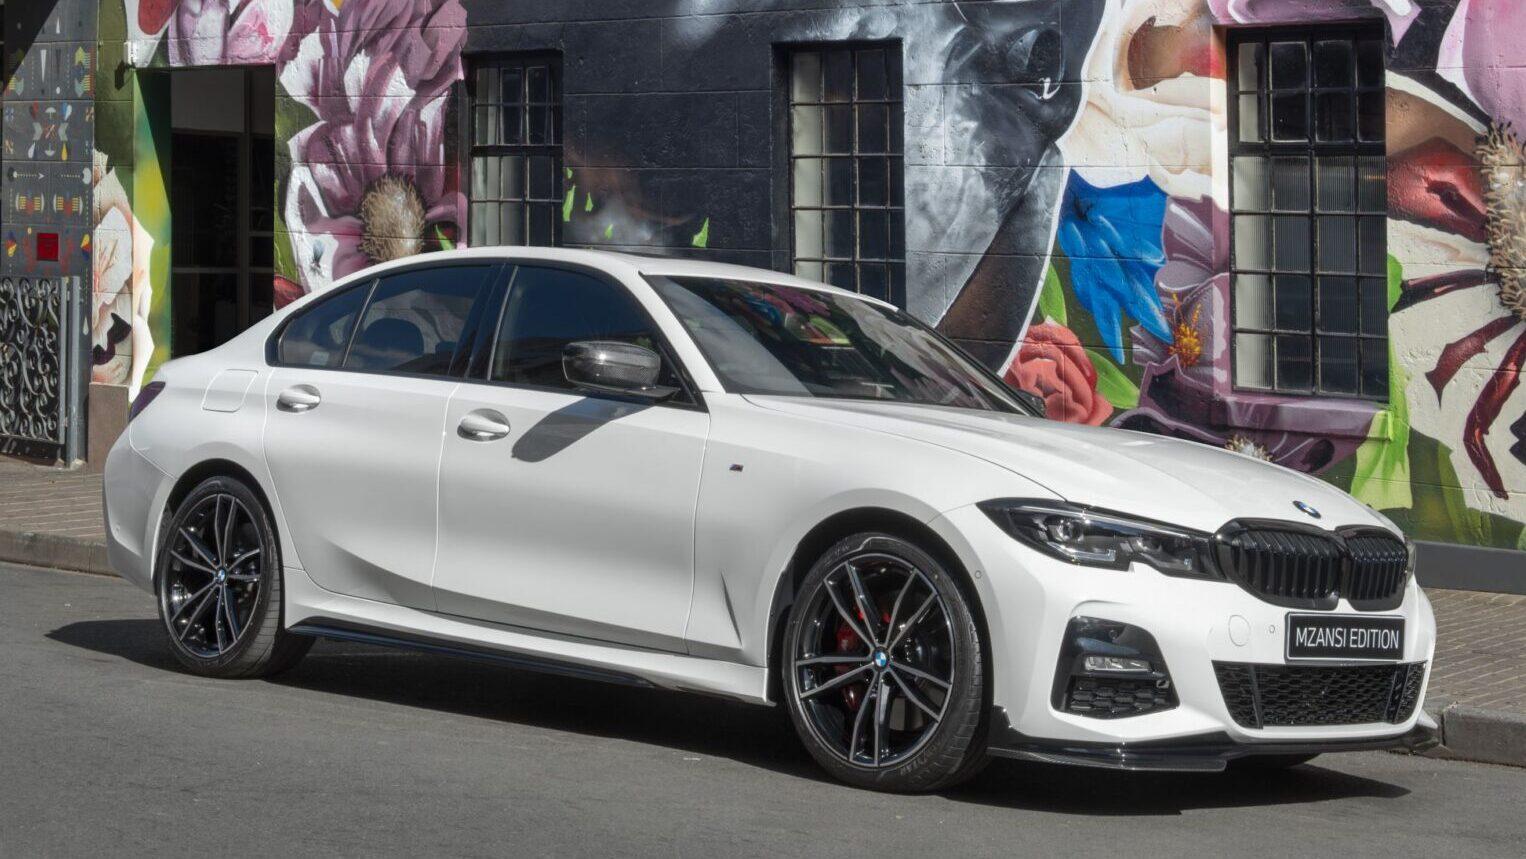 Nuevo BMW Serie 3 Mzansi Edition: deportividad para el día a día